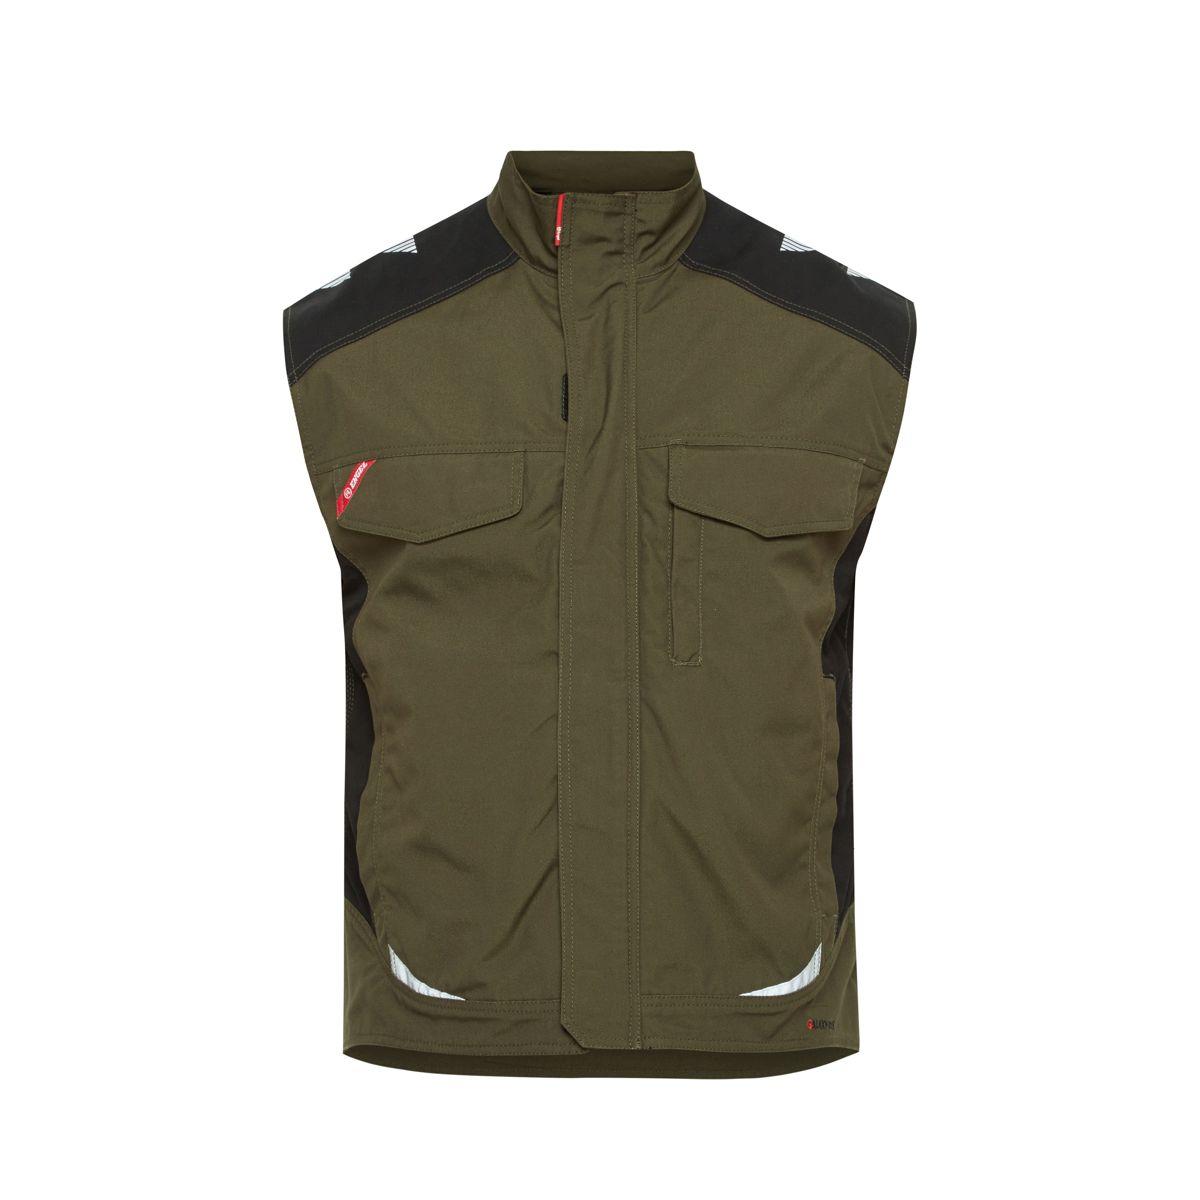 Engel galaxy service vest bodywarmer 3xl